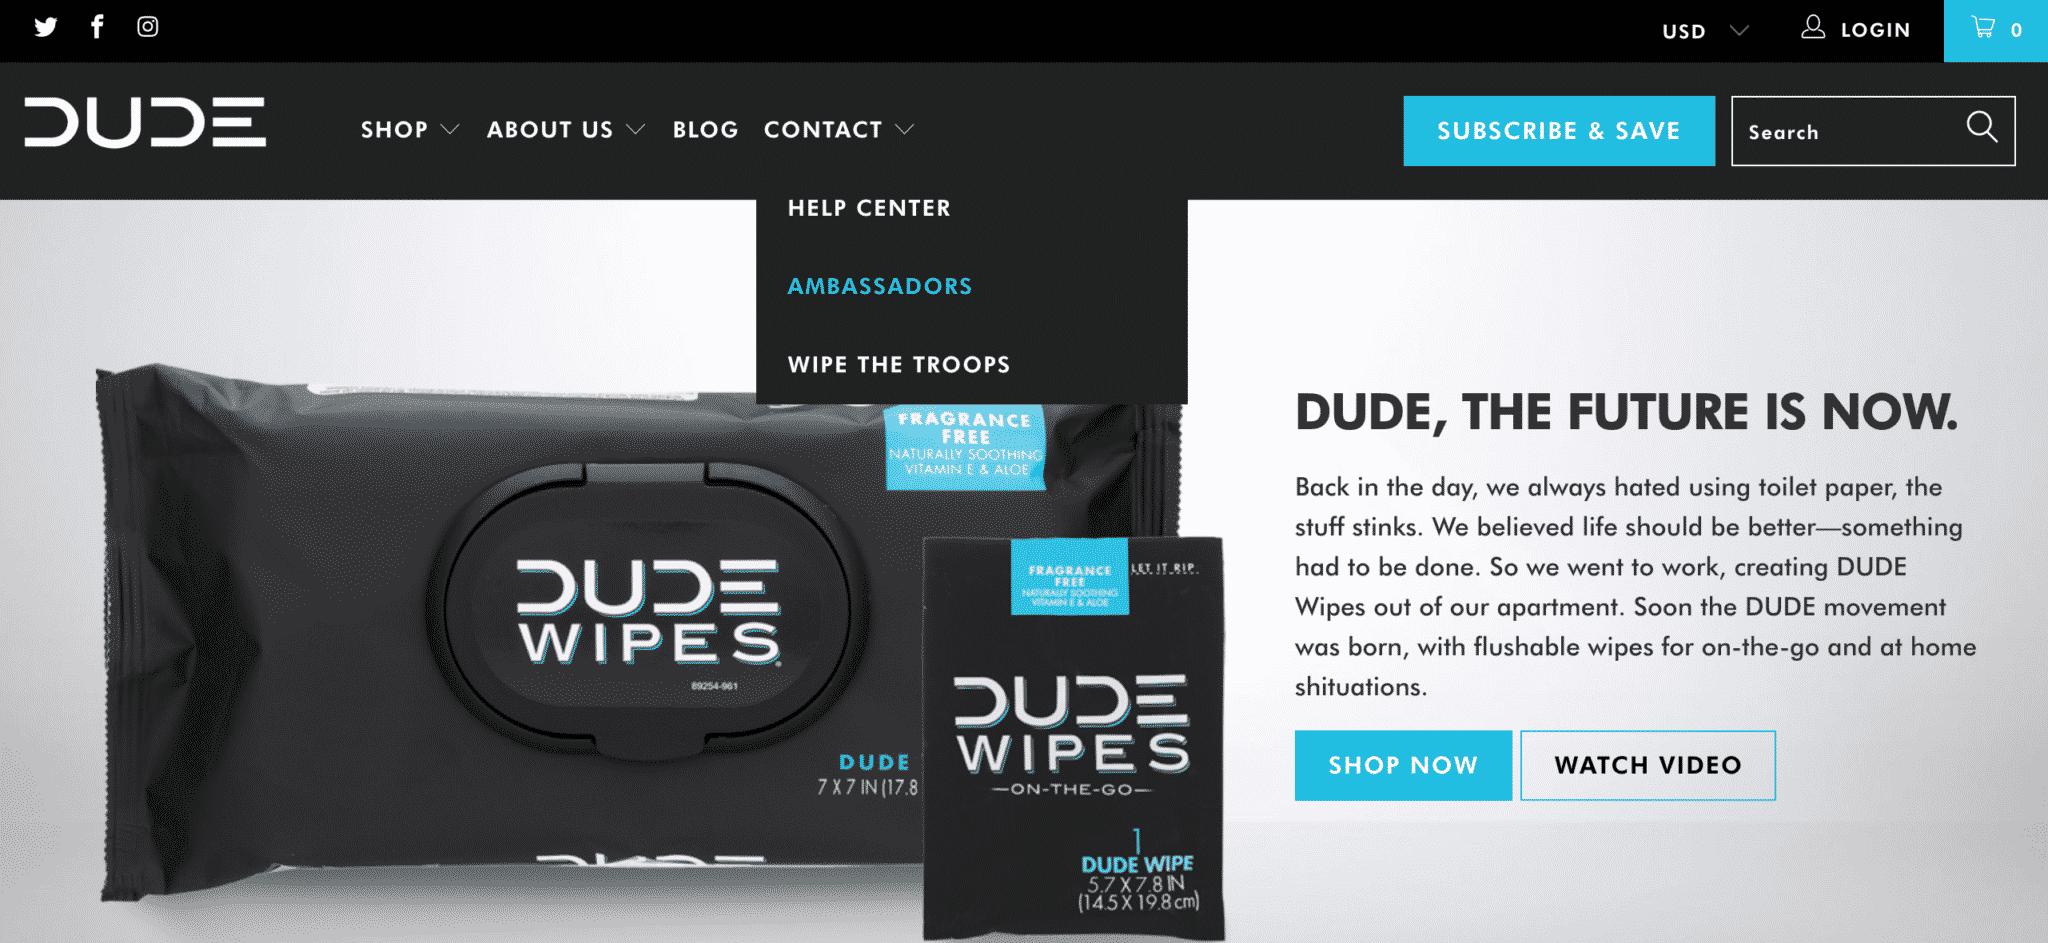 Dude Wipes website homepage